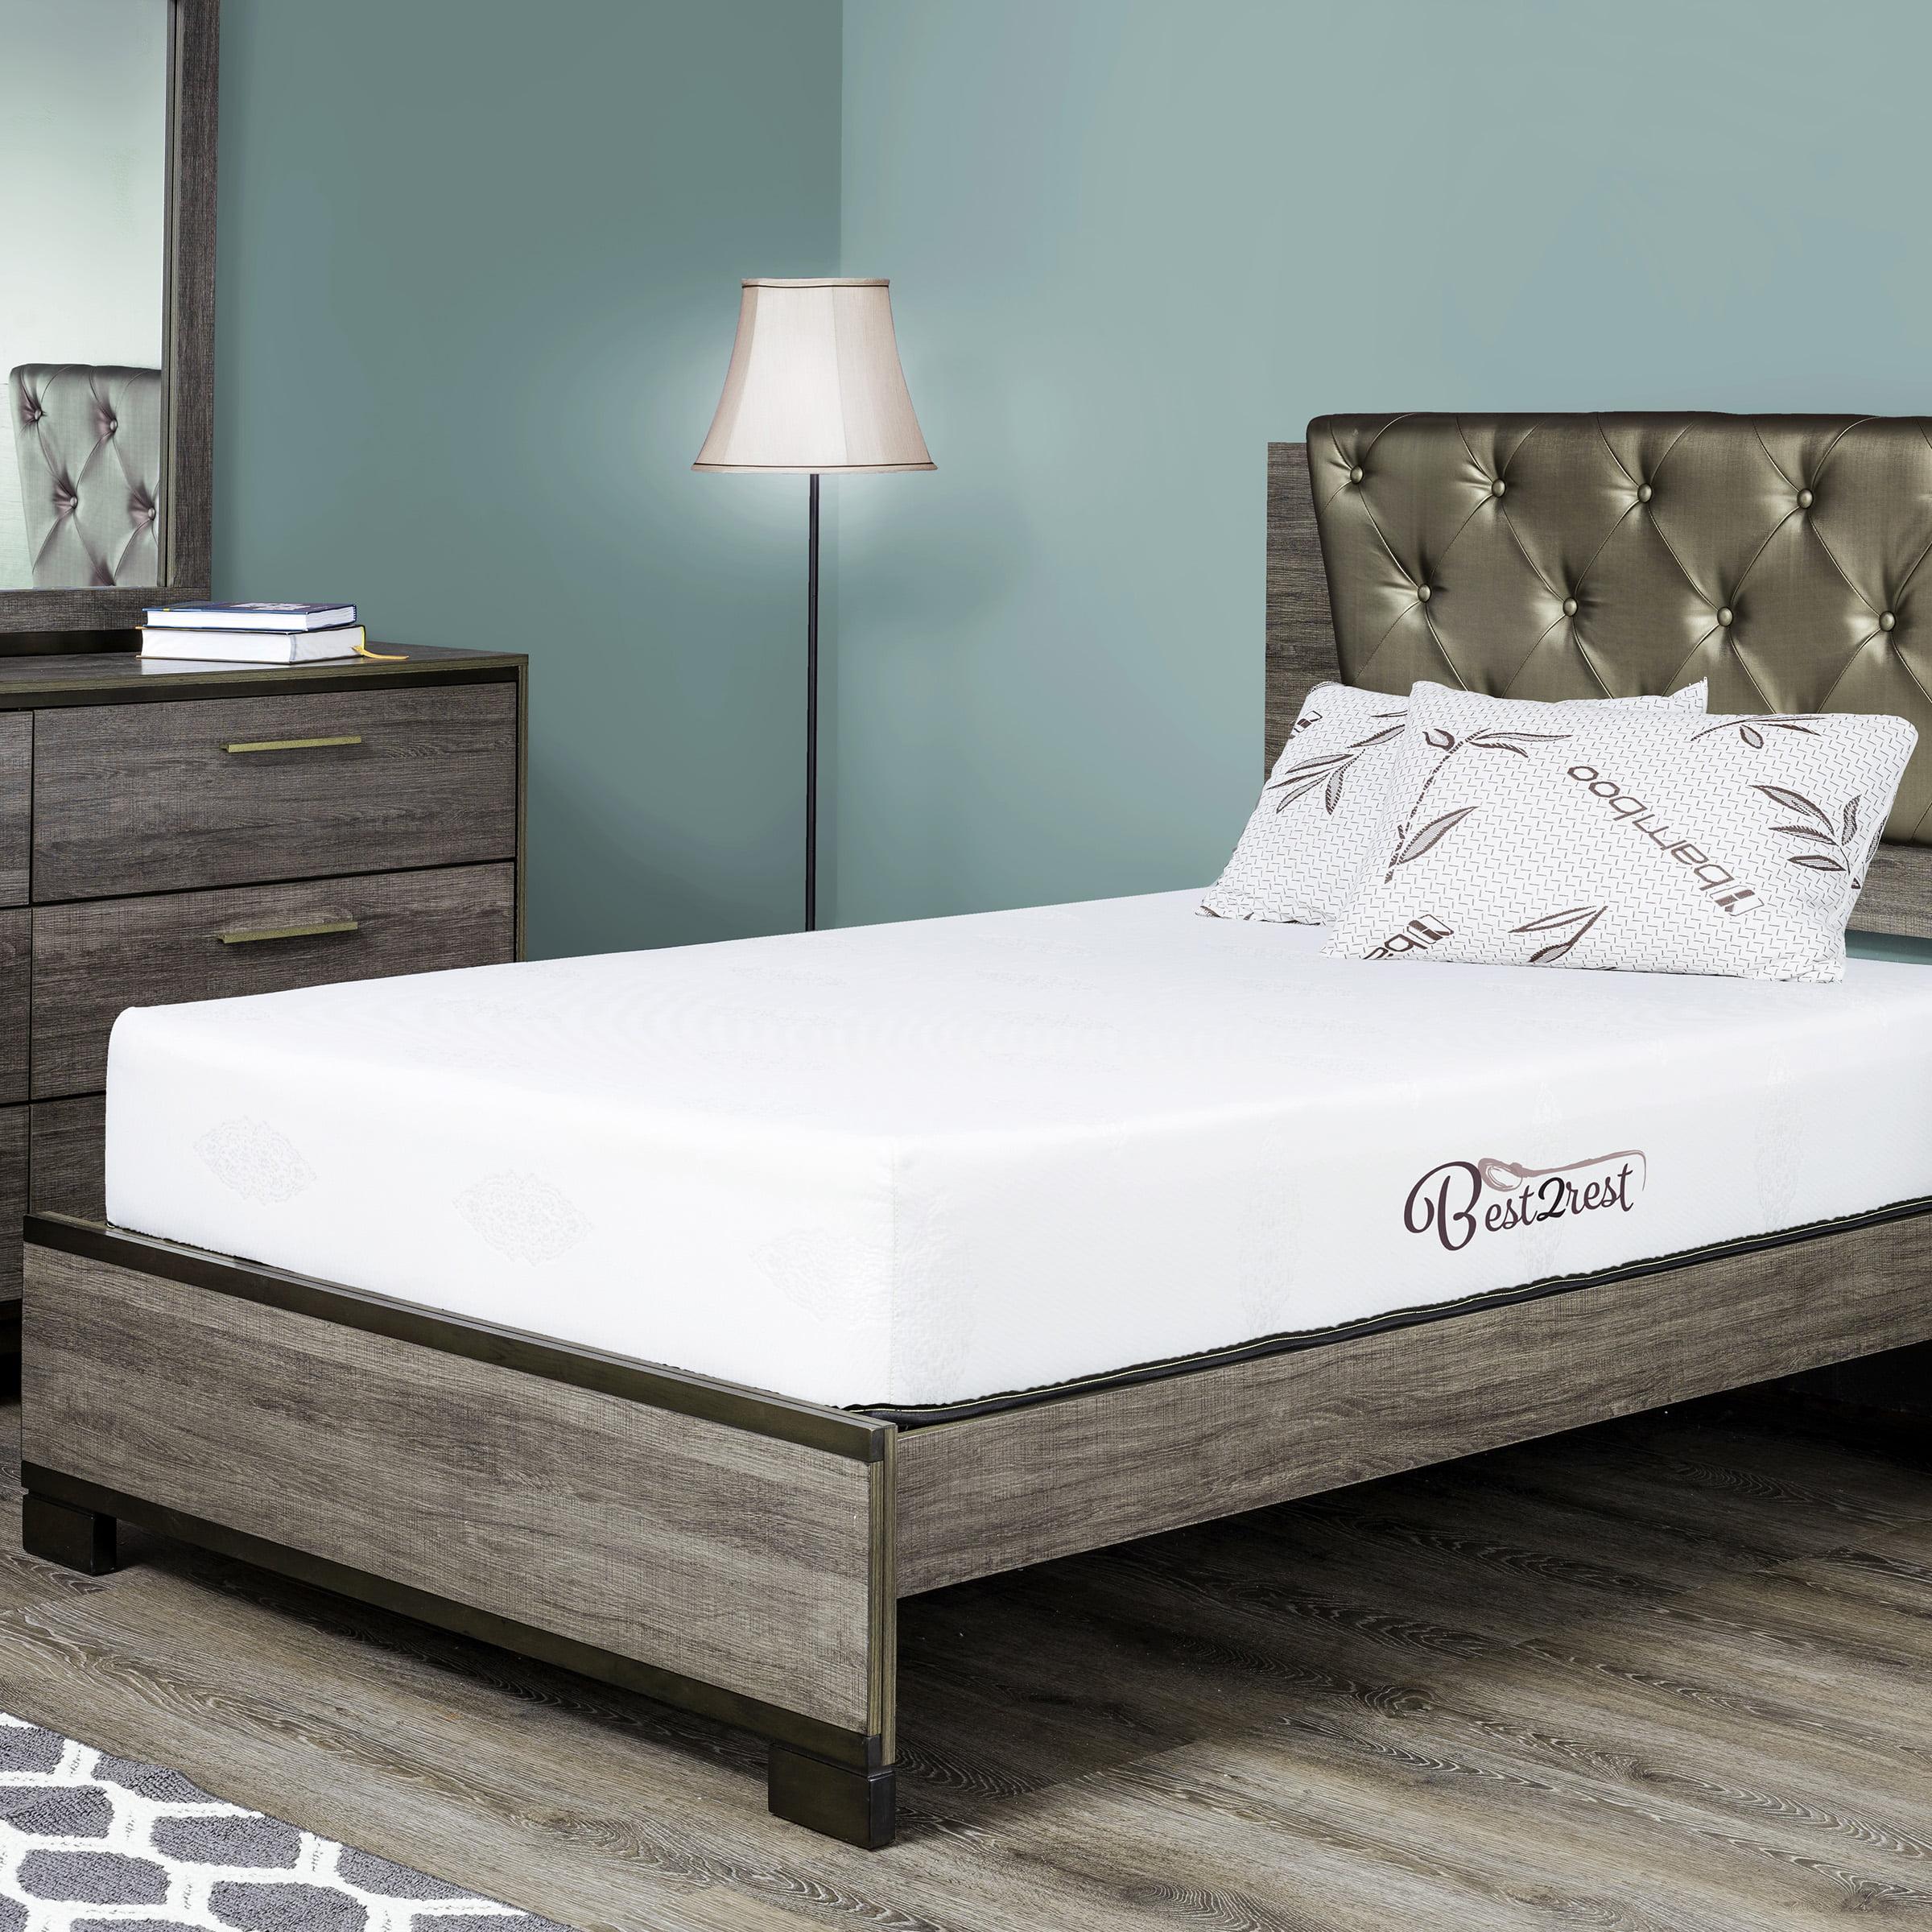 best 2 rest memory foam twin mattress 6 inch great for daybed twin mattress twin bunk bed mattress with cooling gel